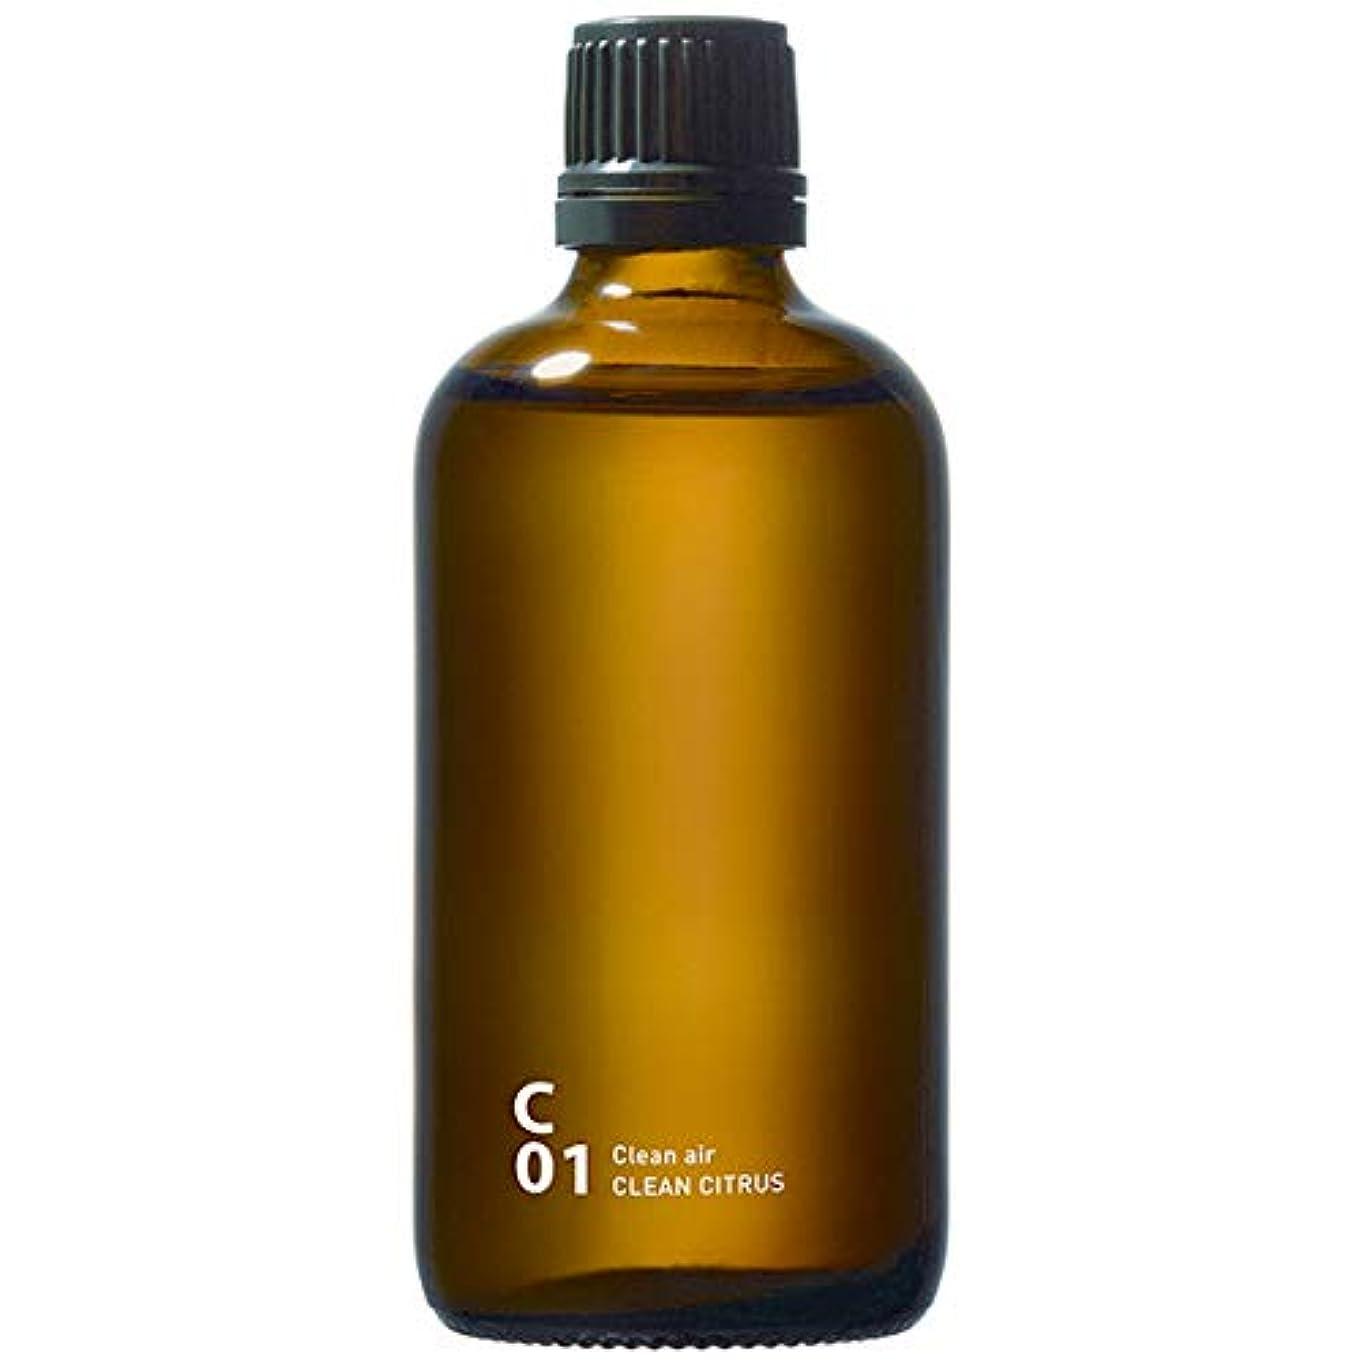 トロピカルパドル着替えるC01 CLEAN CITRUS piezo aroma oil 100ml